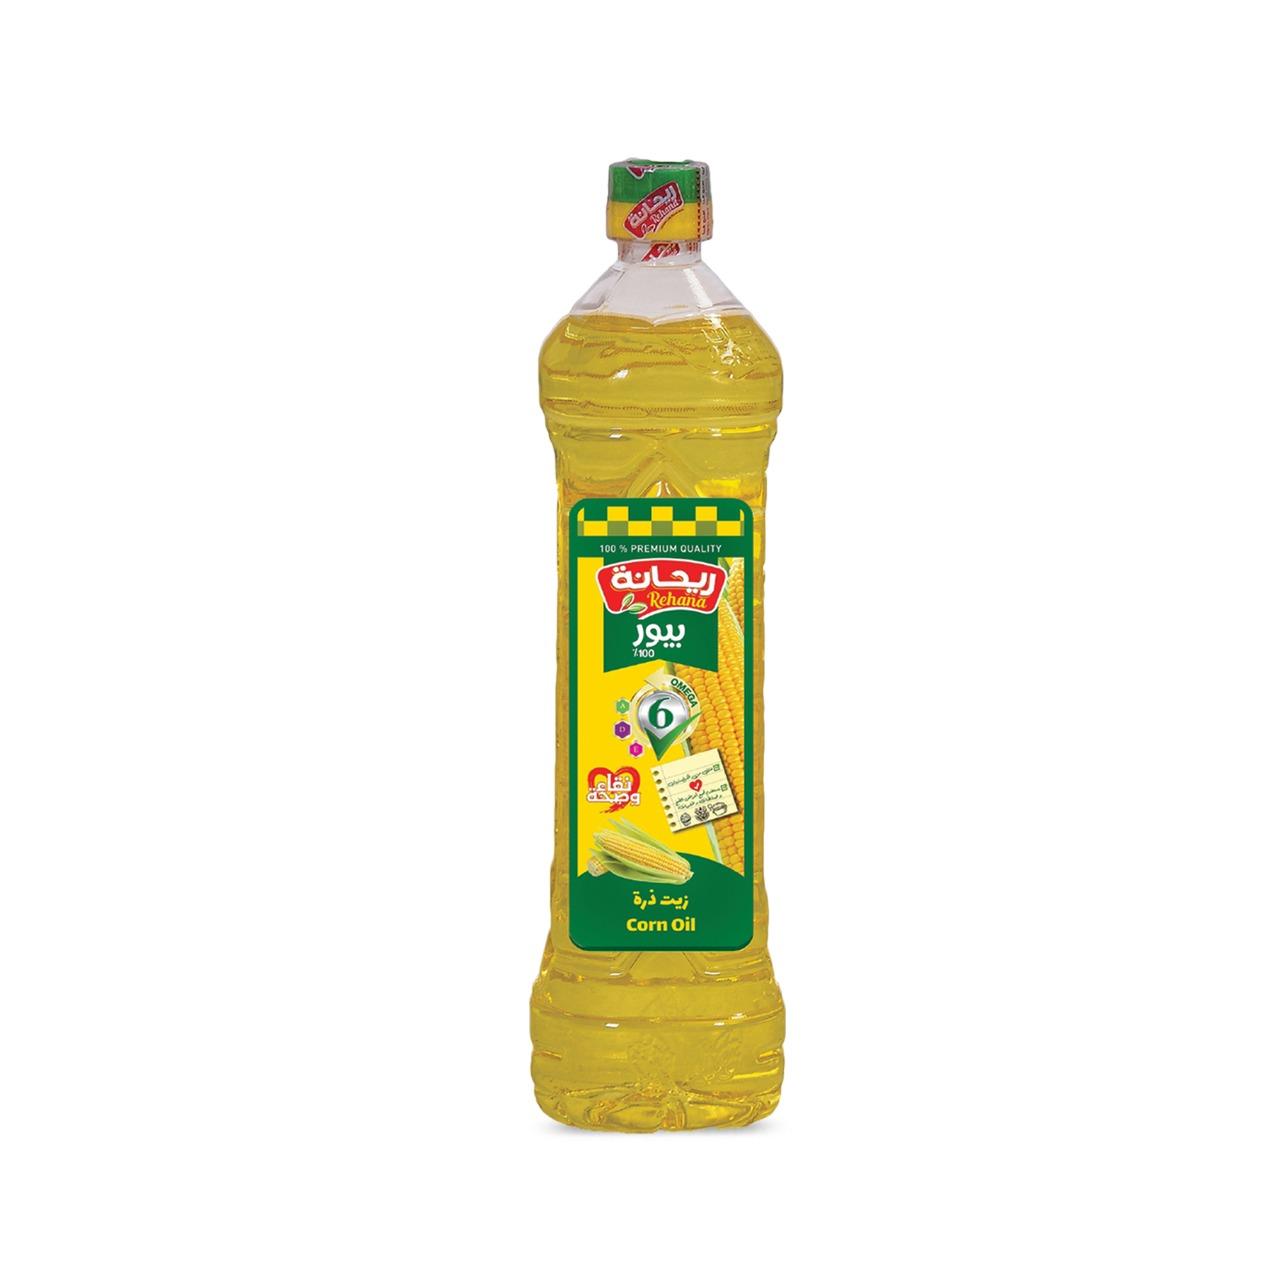 Corn Oil 0.9 liter